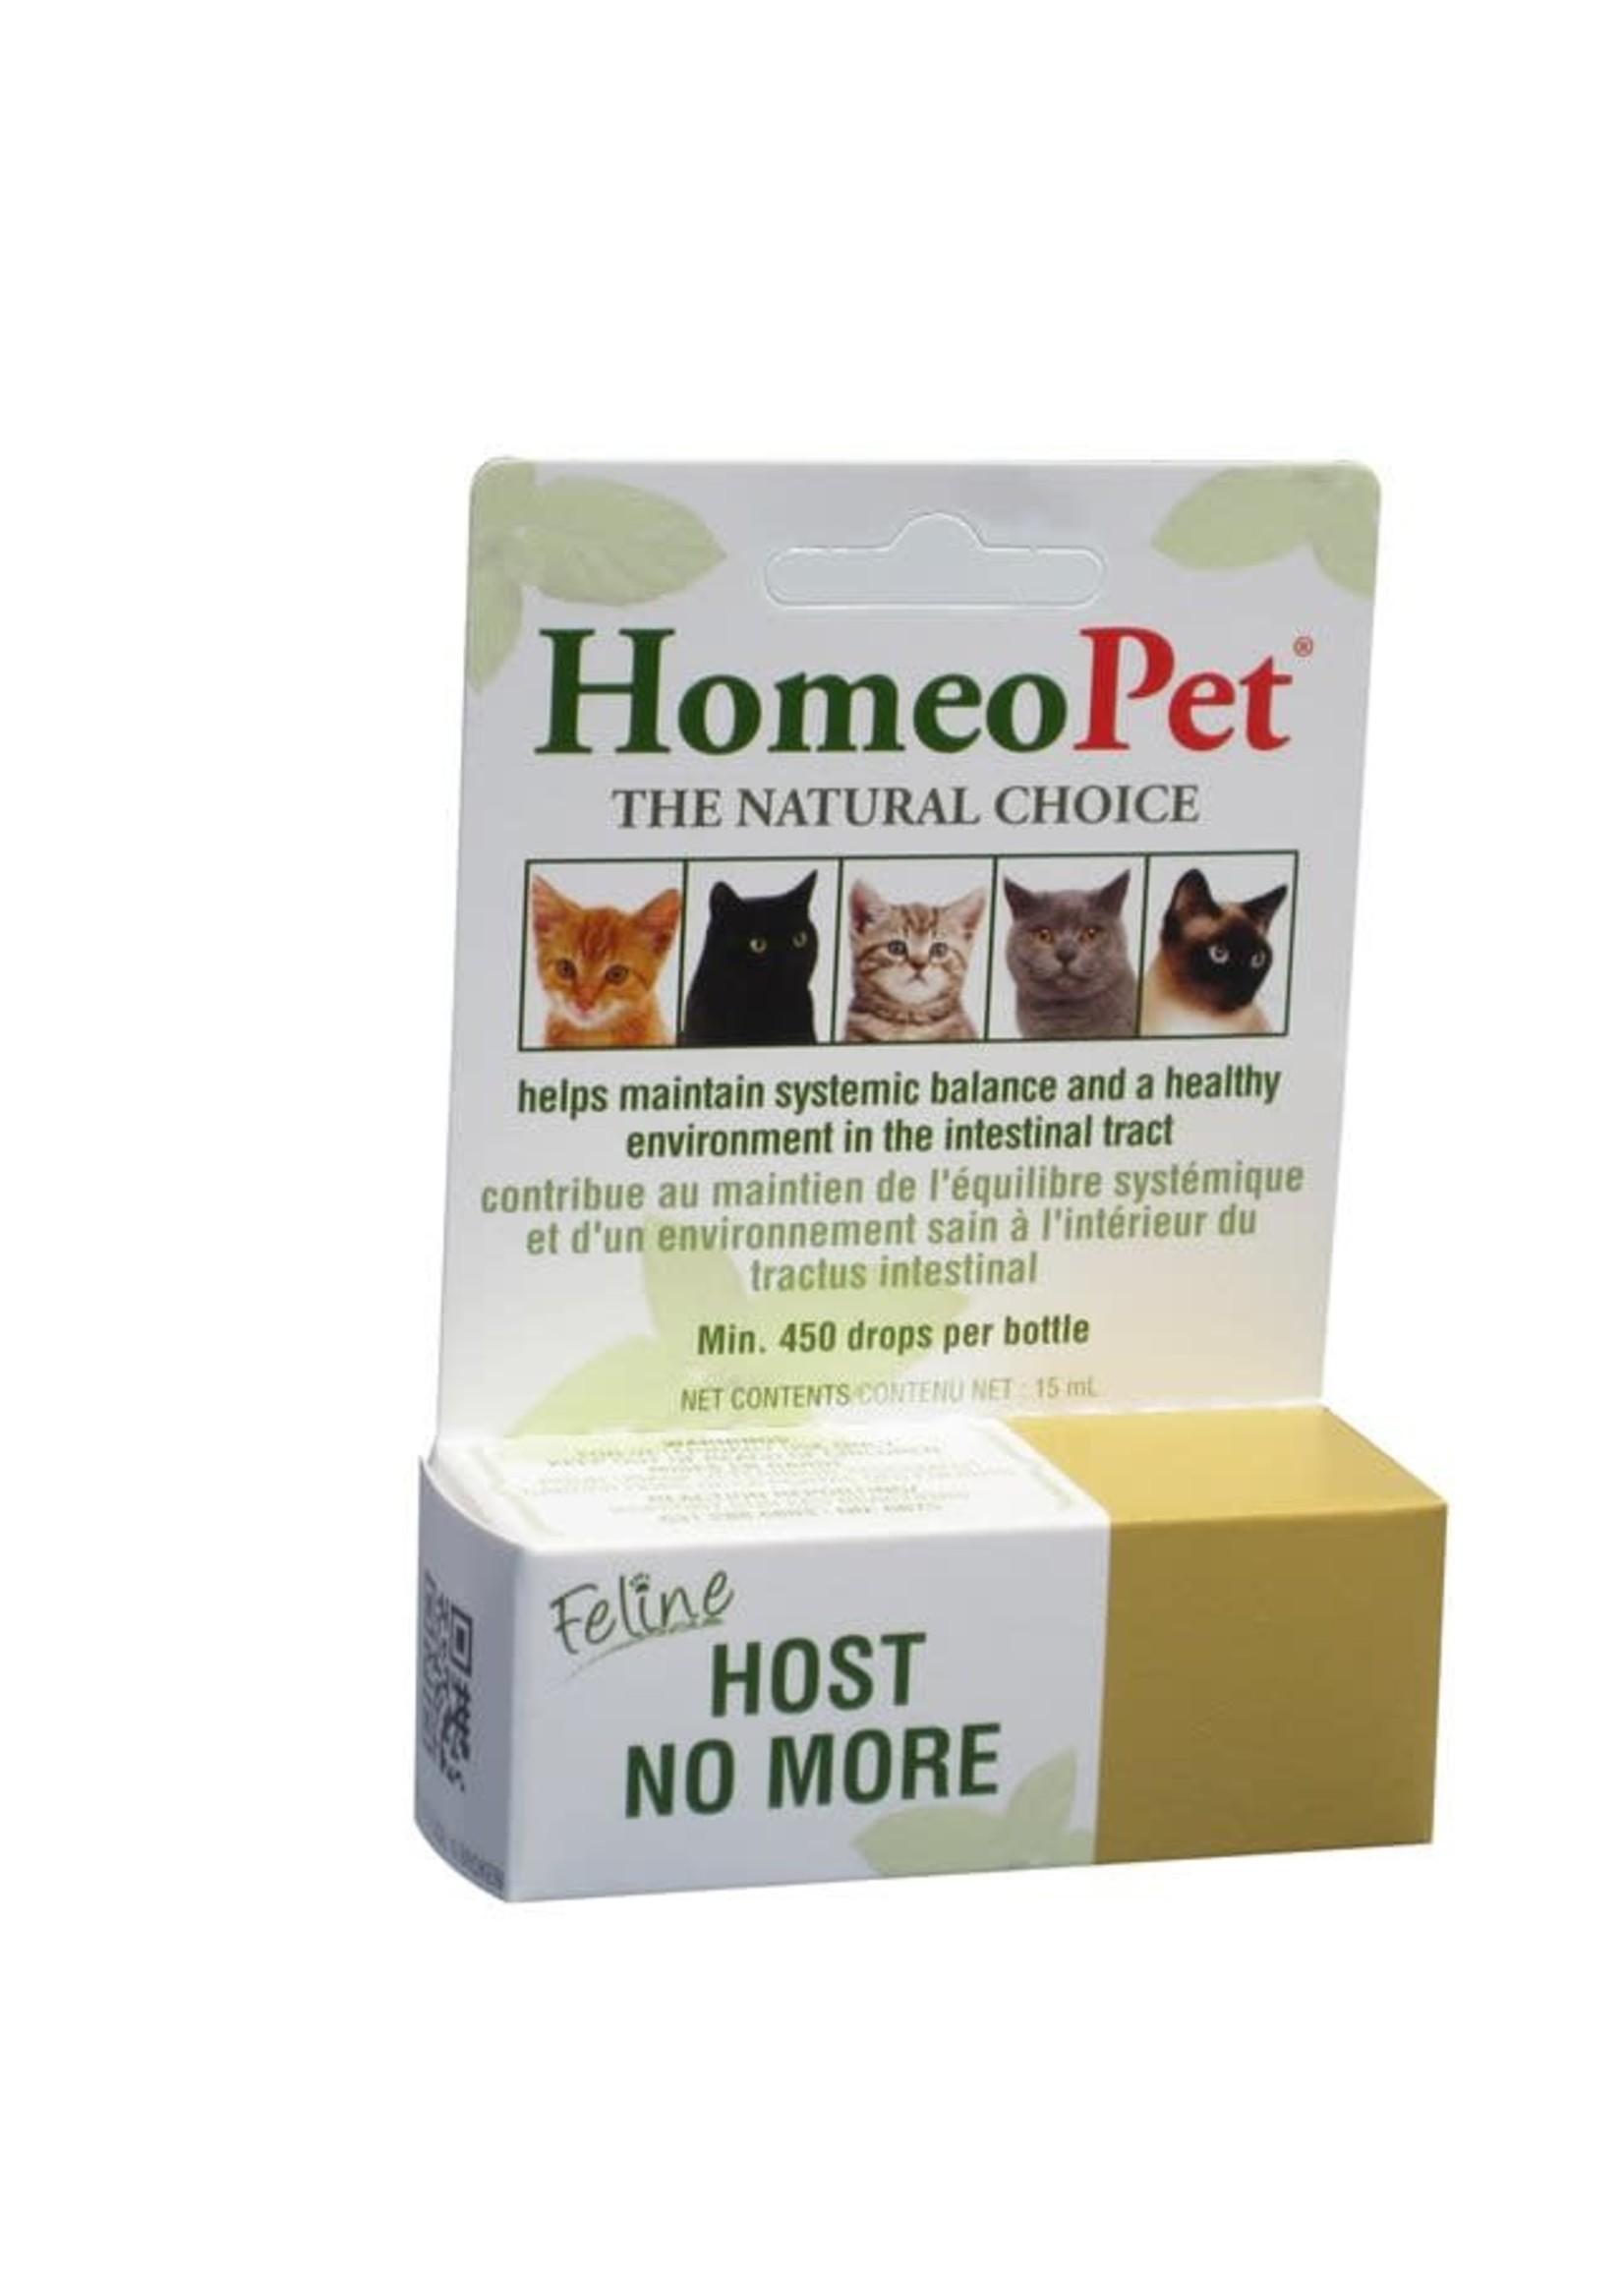 HOMEOPET Feline Host No More 15mL